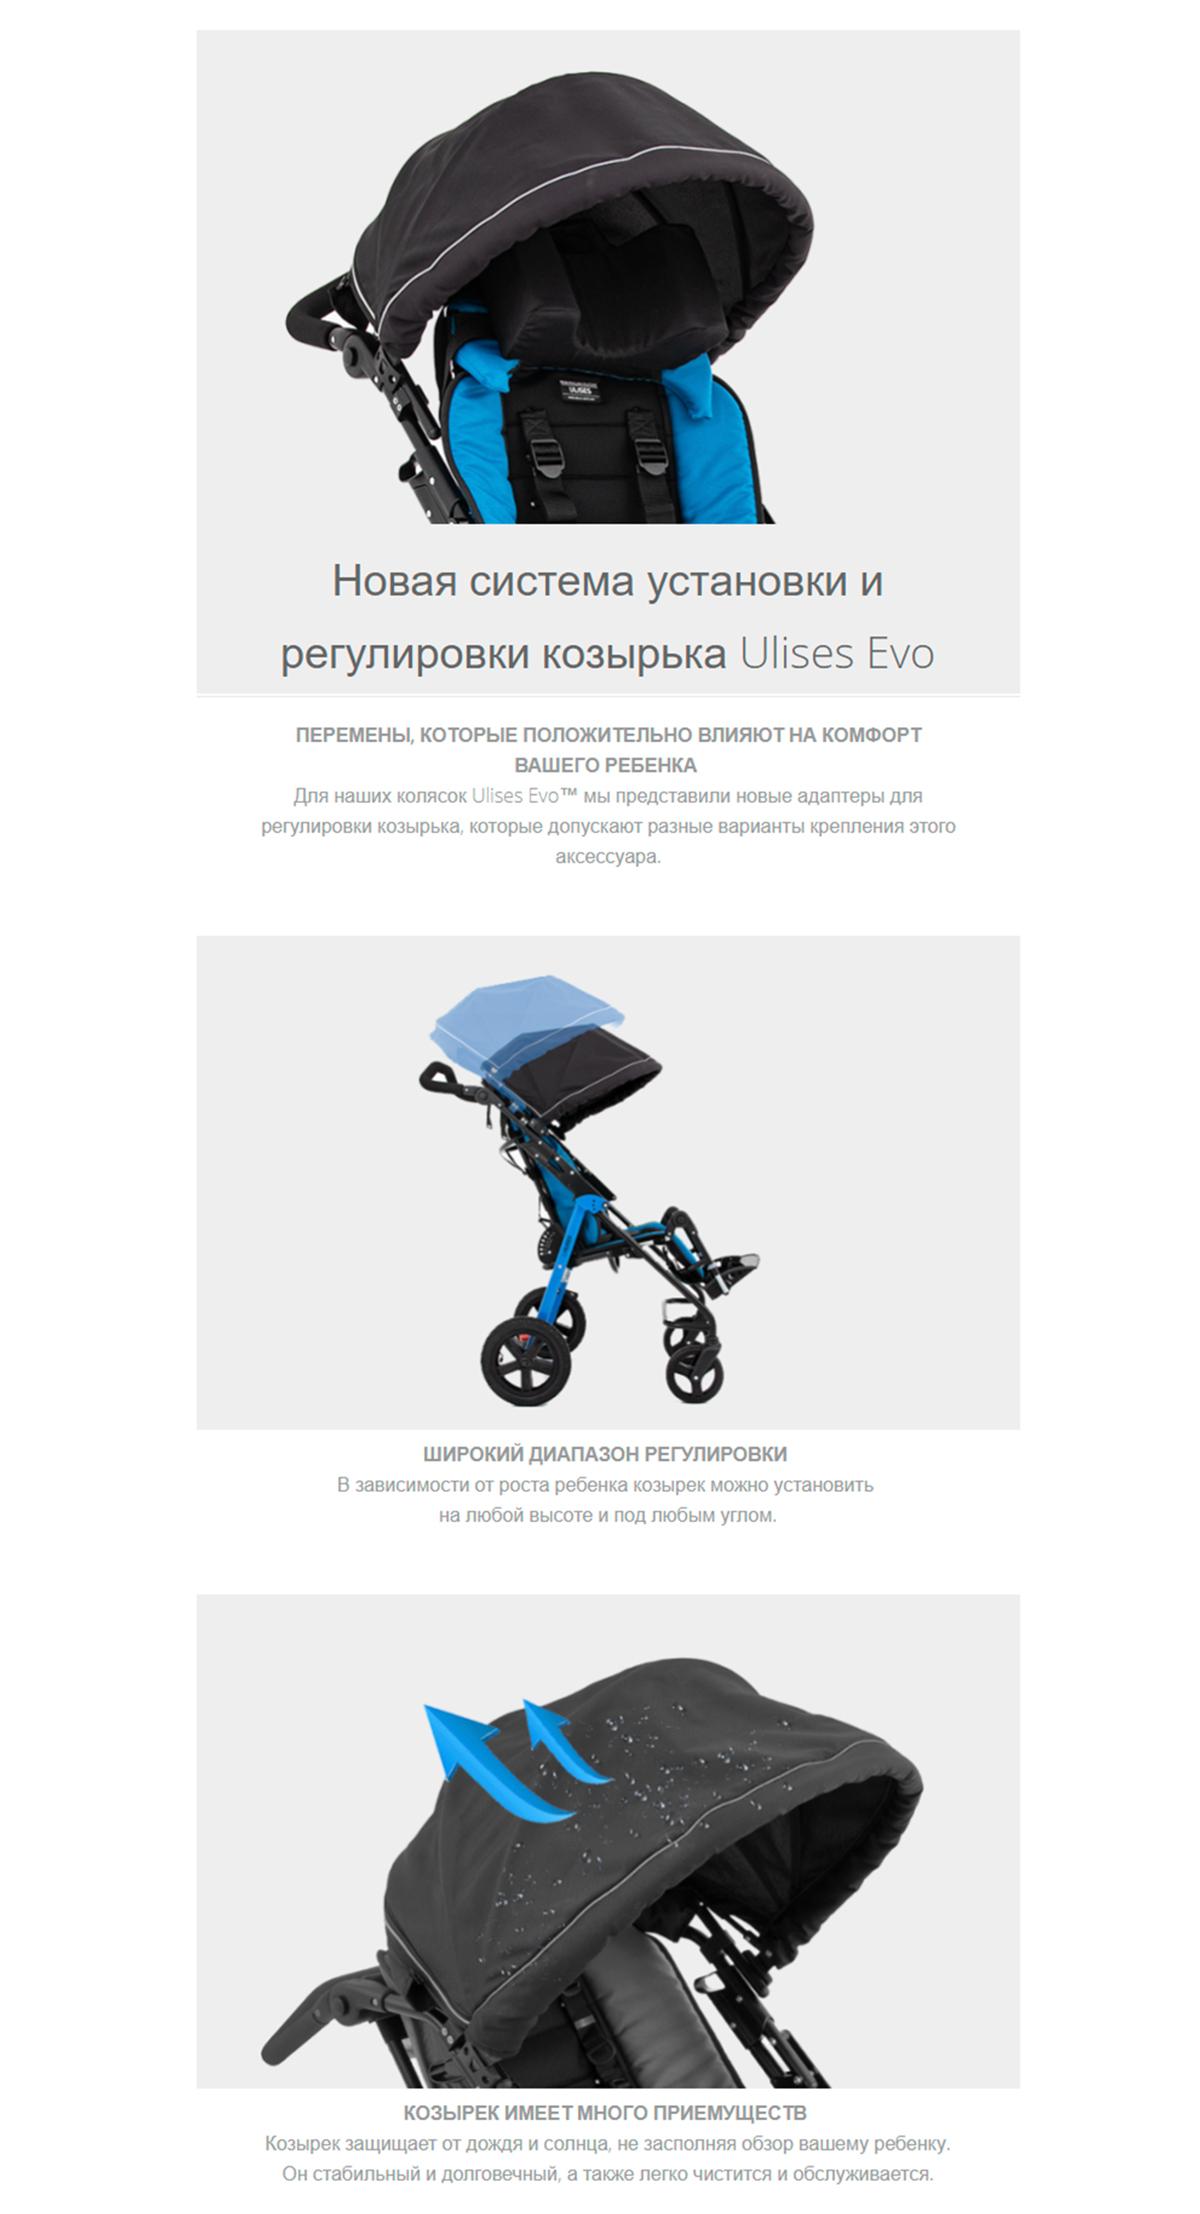 newsletter ru